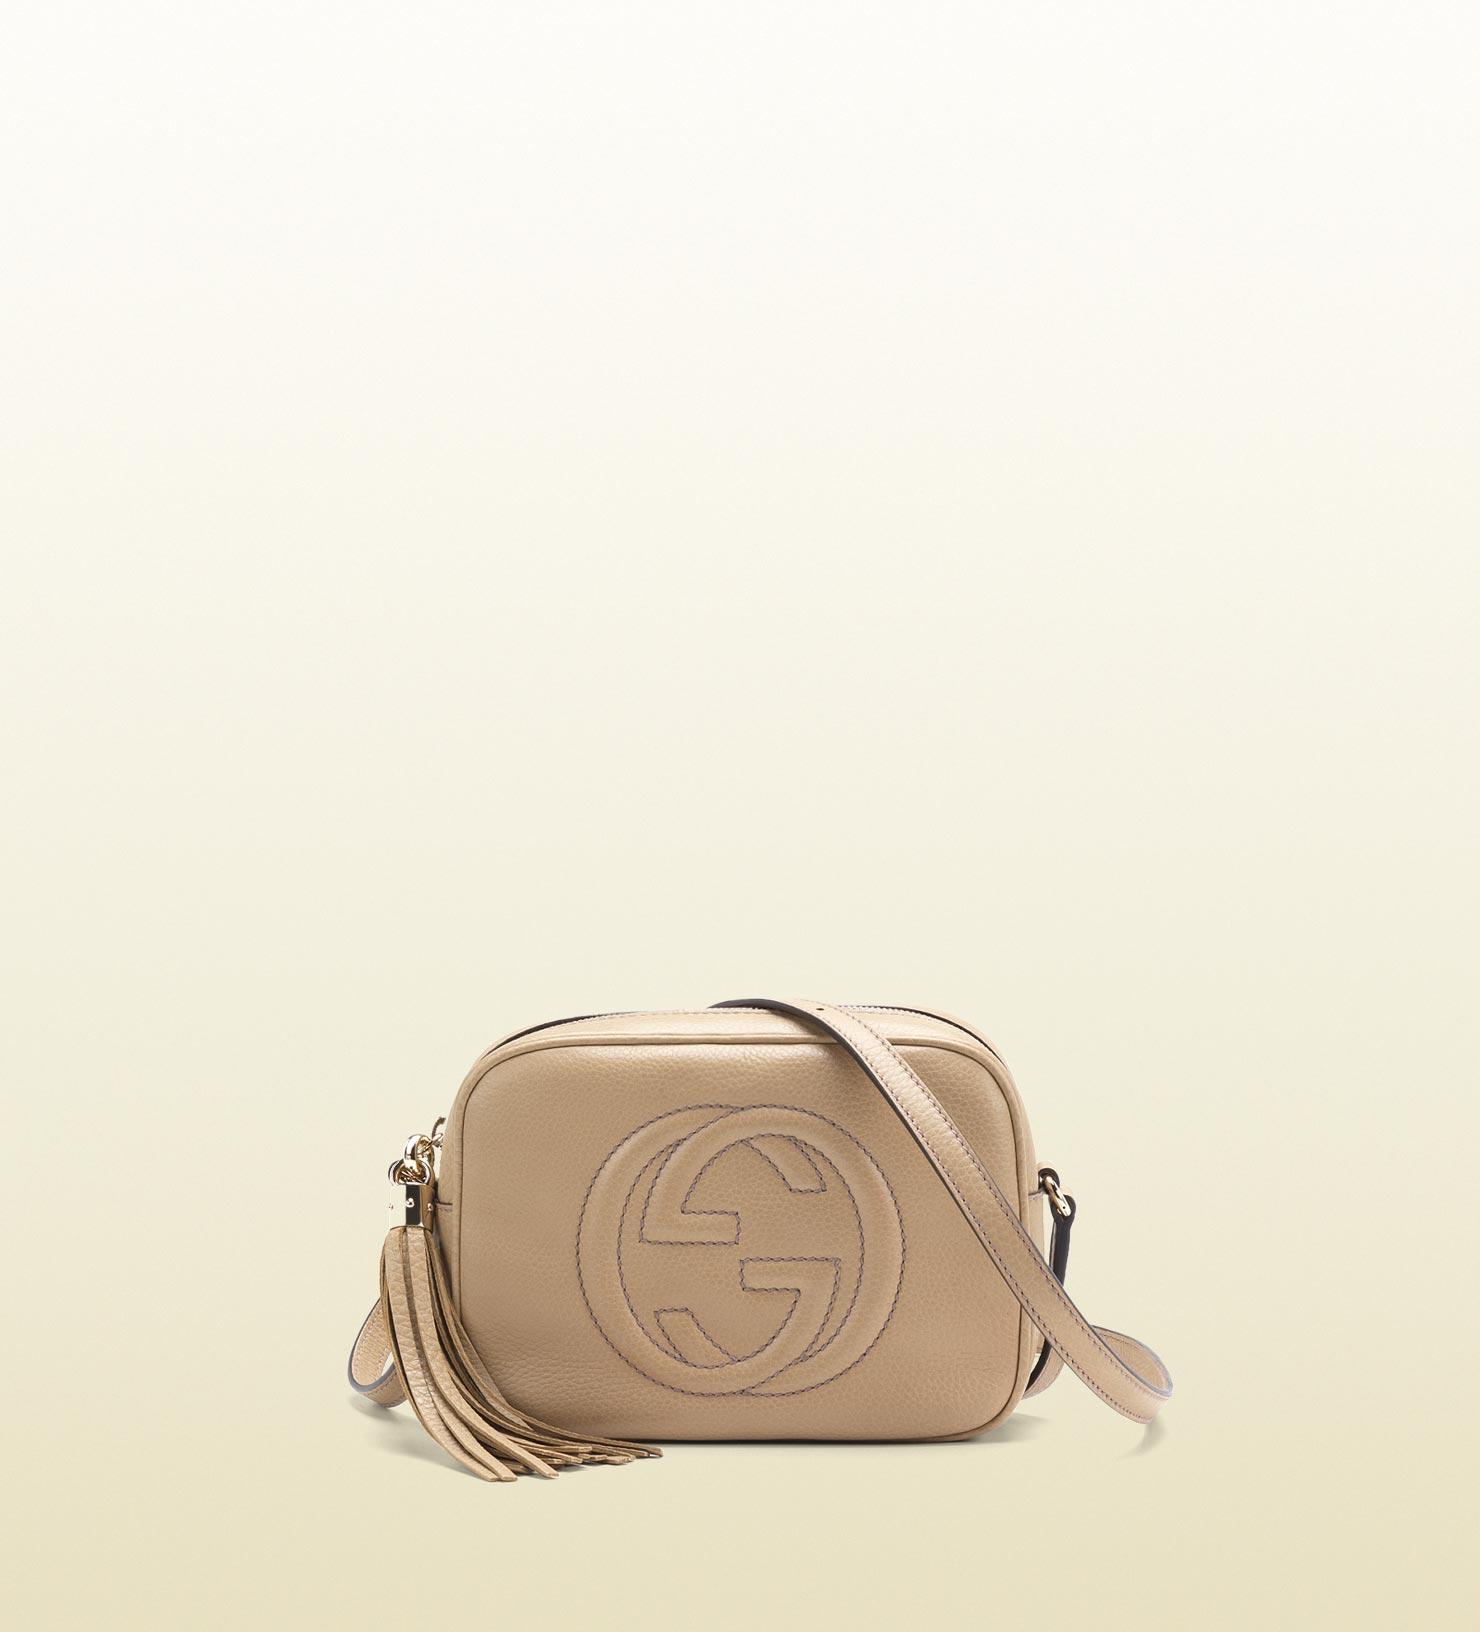 843b8a6ea046a Gucci Cream Leather Handbag - Image Of Handbags Imageorp.co